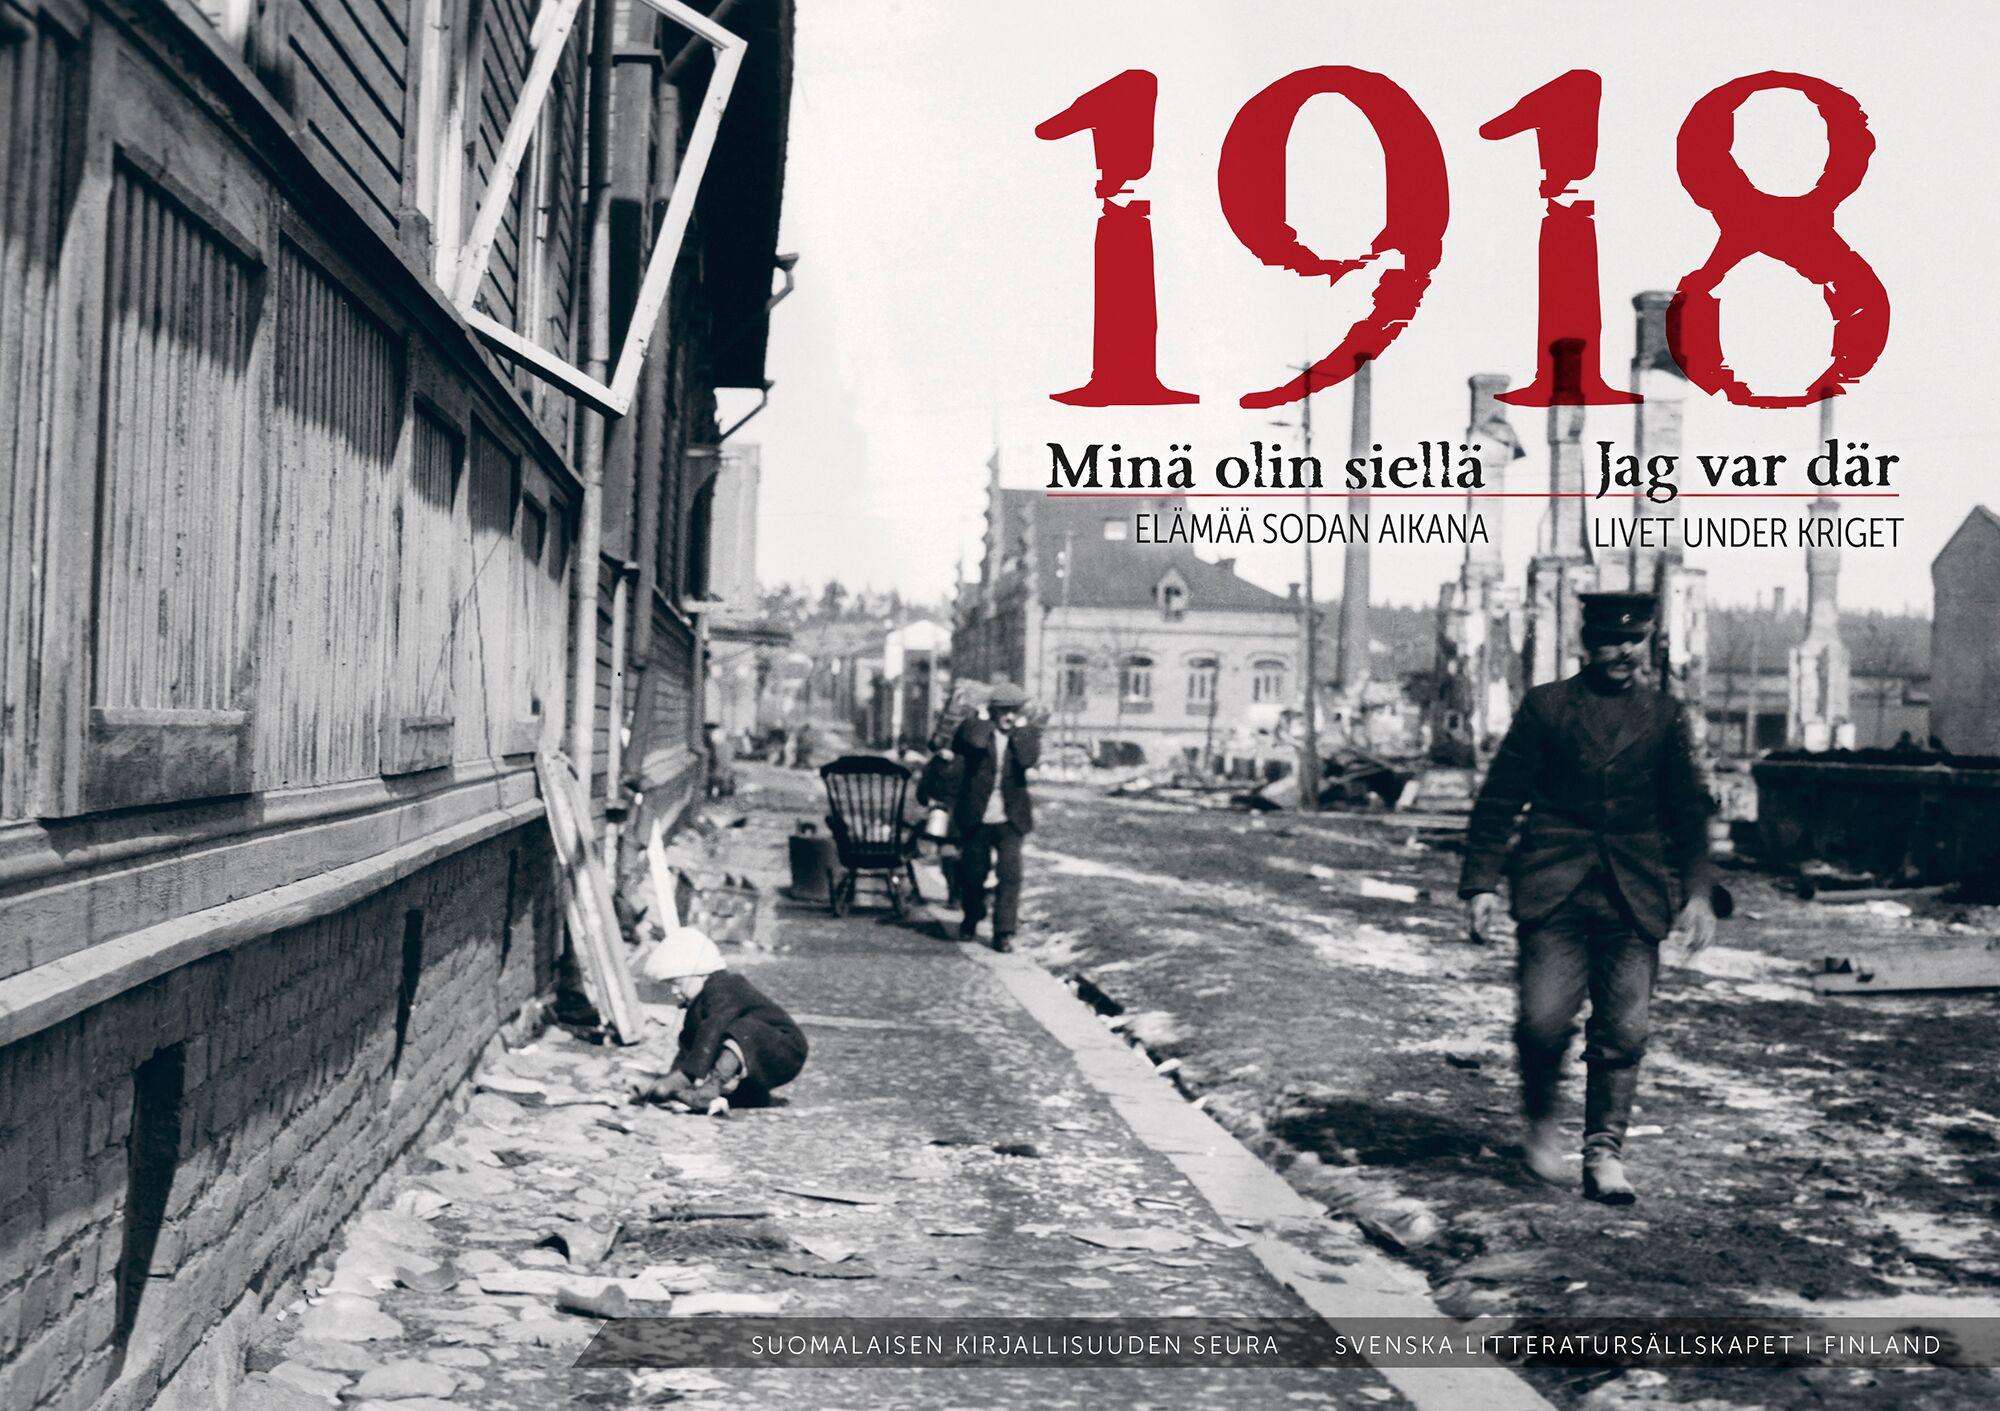 Oppimisaineisto koostuu sekä suomen- että ruotsinkielisestä arkistoaineistosta.